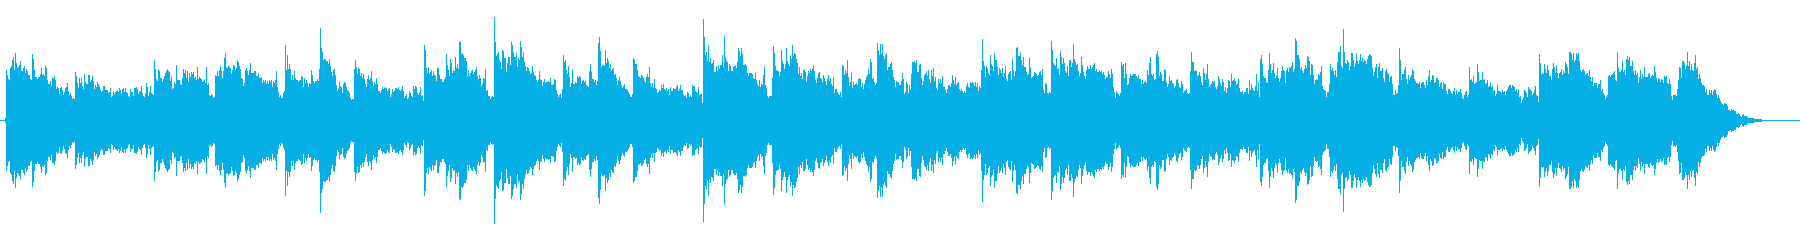 ラブドラムを使ったノスタルジックBGMの再生済みの波形